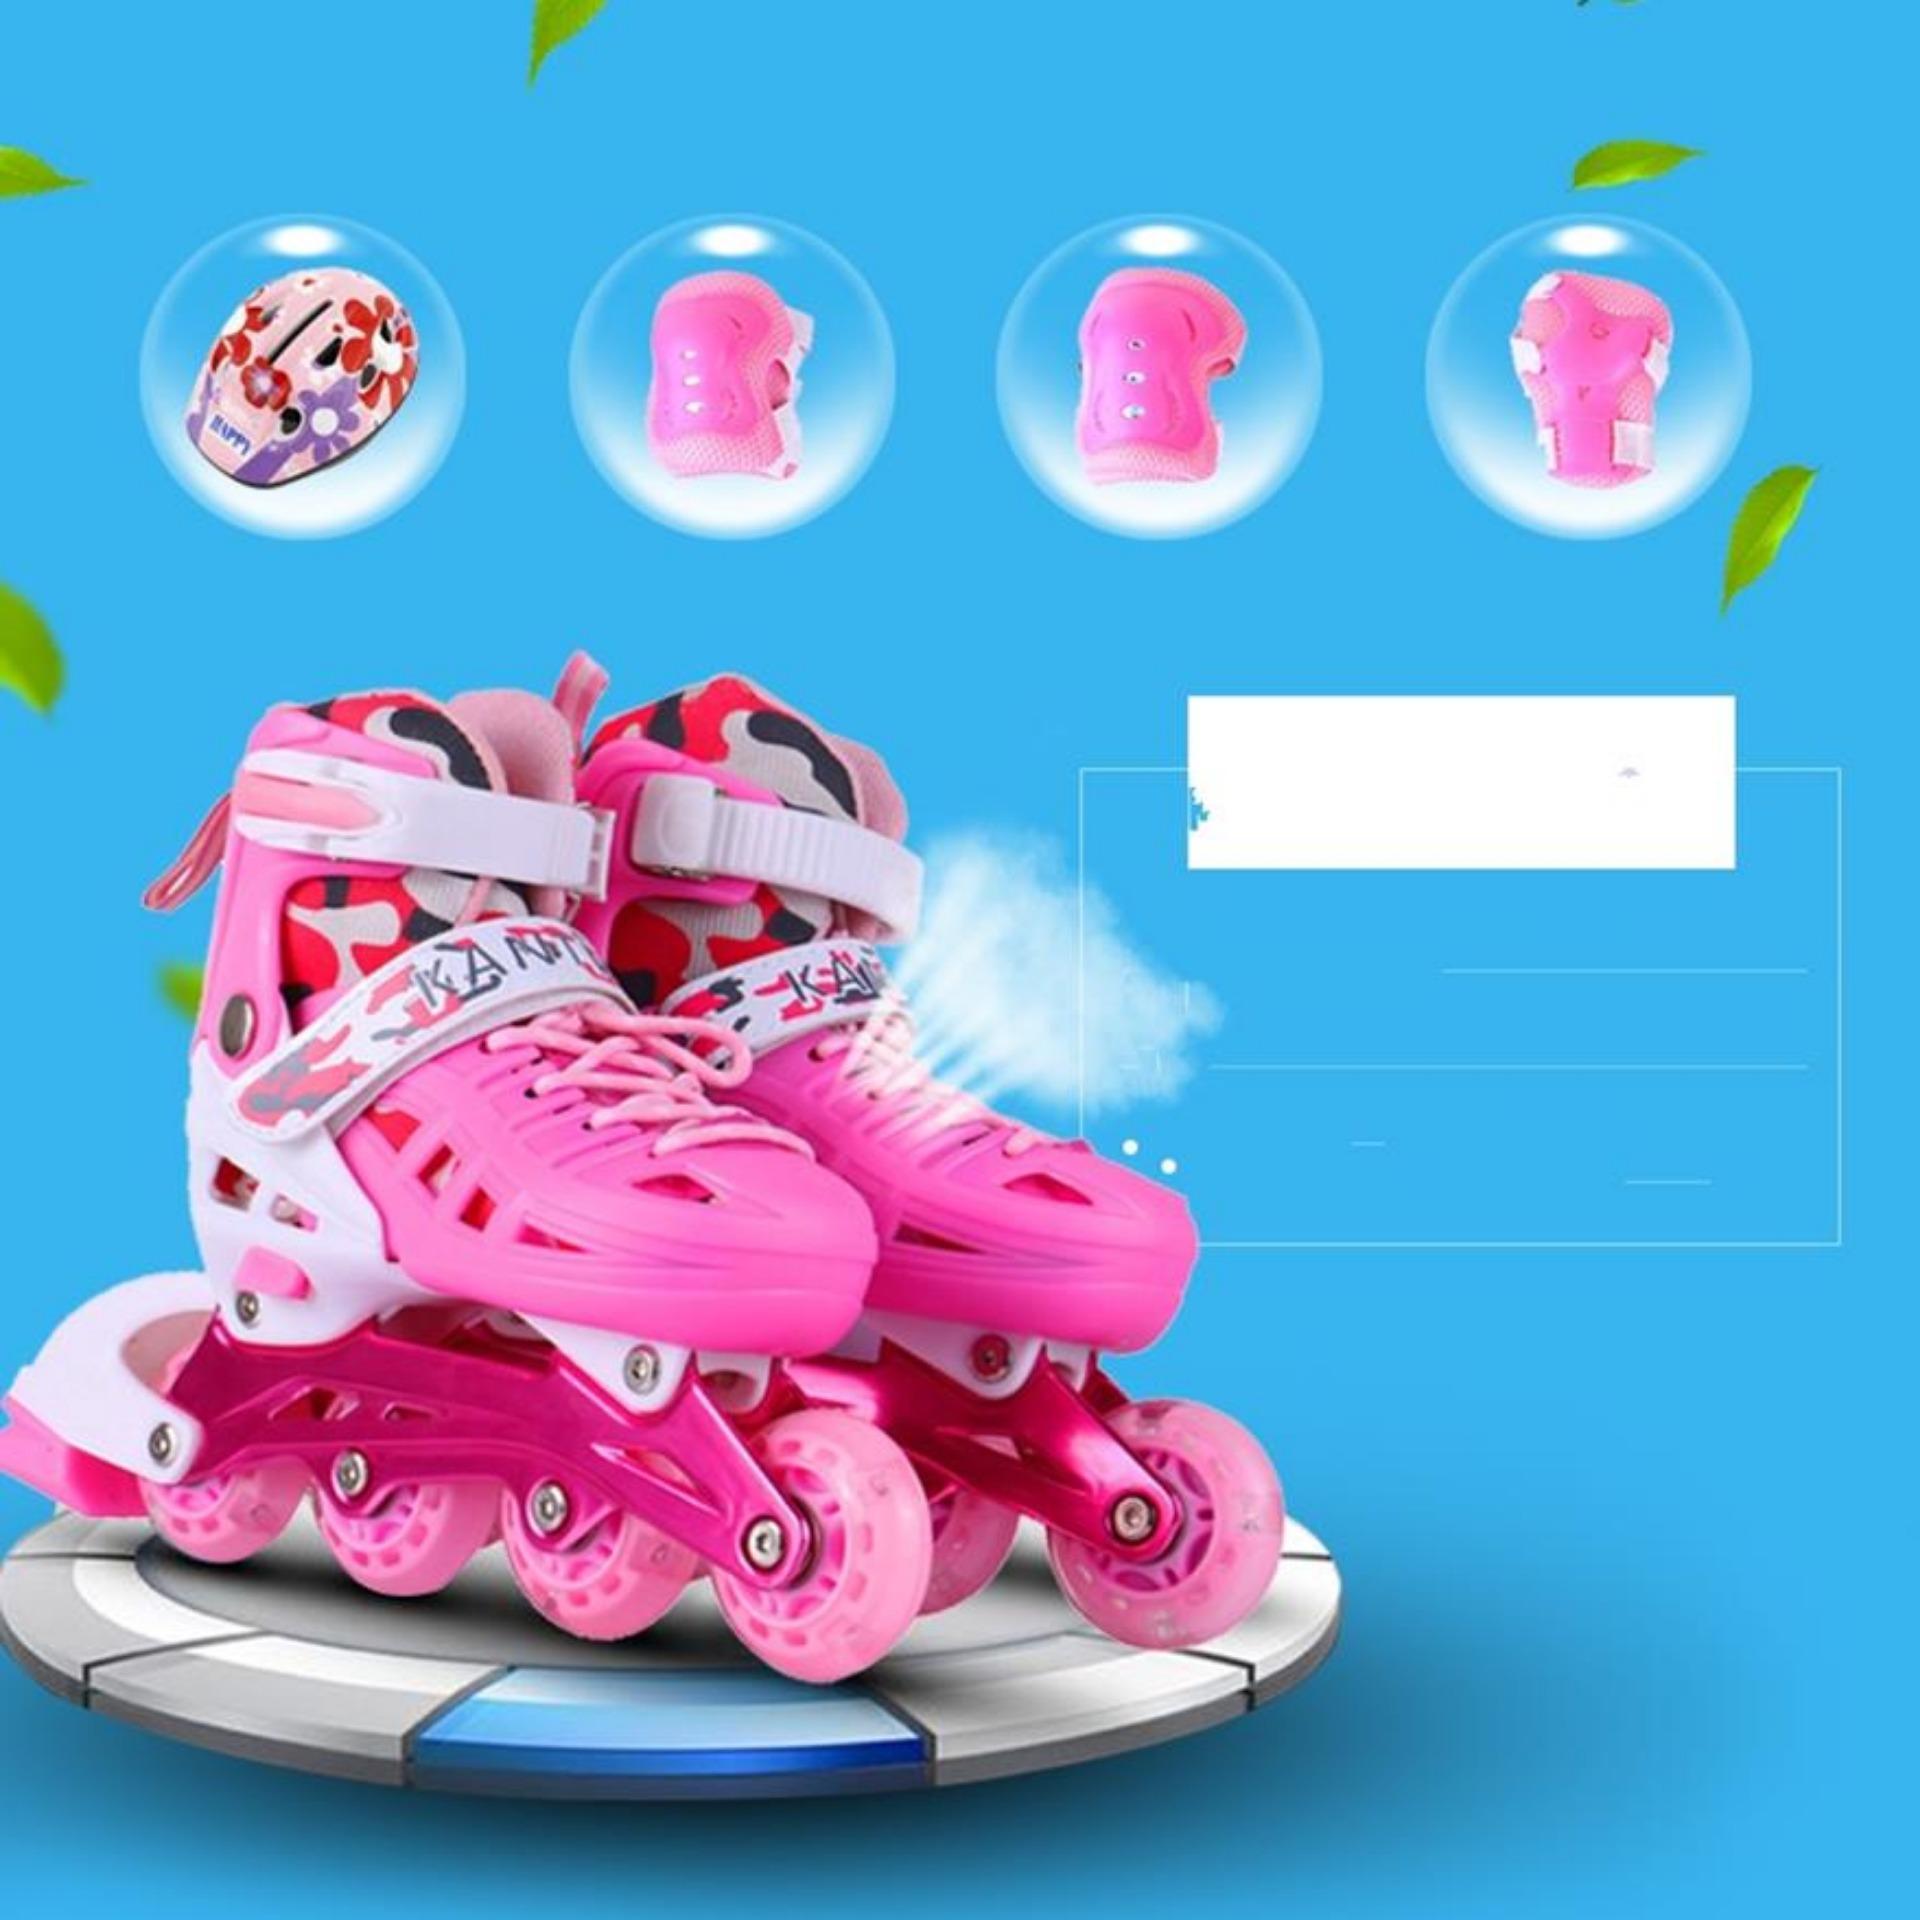 Giày Trượt Patin Giá|Giấy Trượt Patin KANTLAN Cho Bé Yêu KT35, Chất Liệu PVC Mền Không Đau Chân, Khung Xương Chắc Chắn Nâng Đỡ Tốt Trọng Lượng Cơ Thể Bé